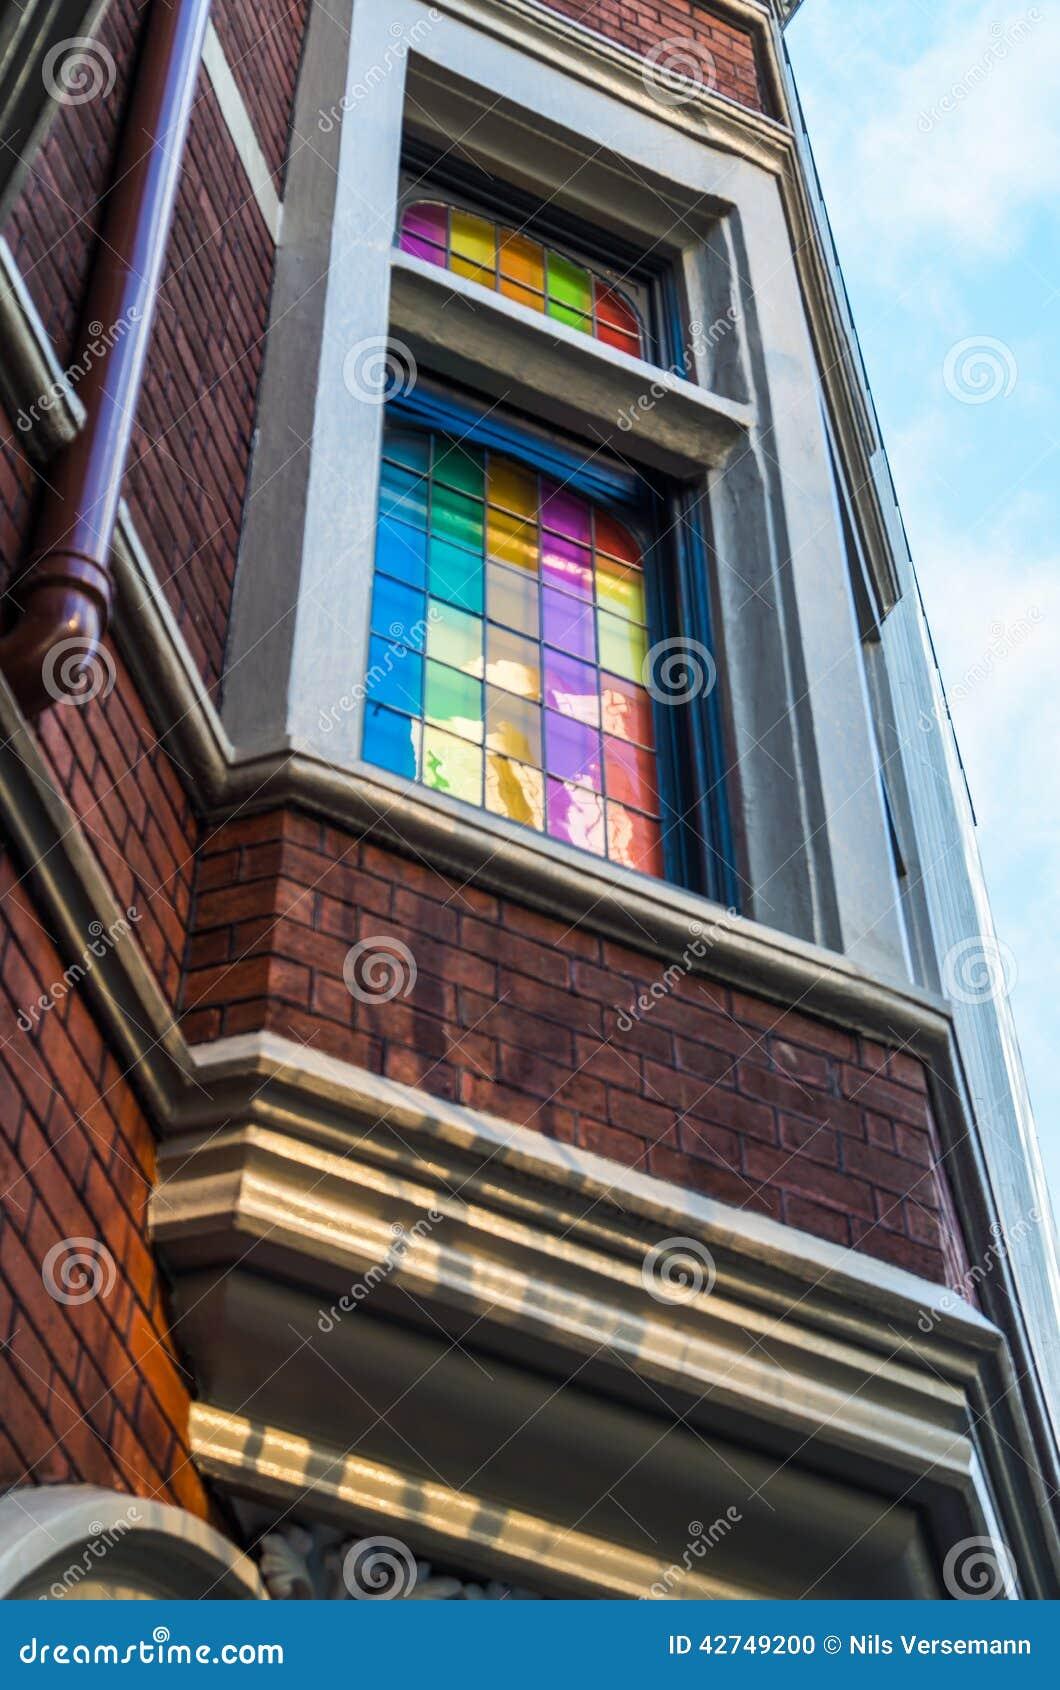 Carreaux de fenêtre colorés